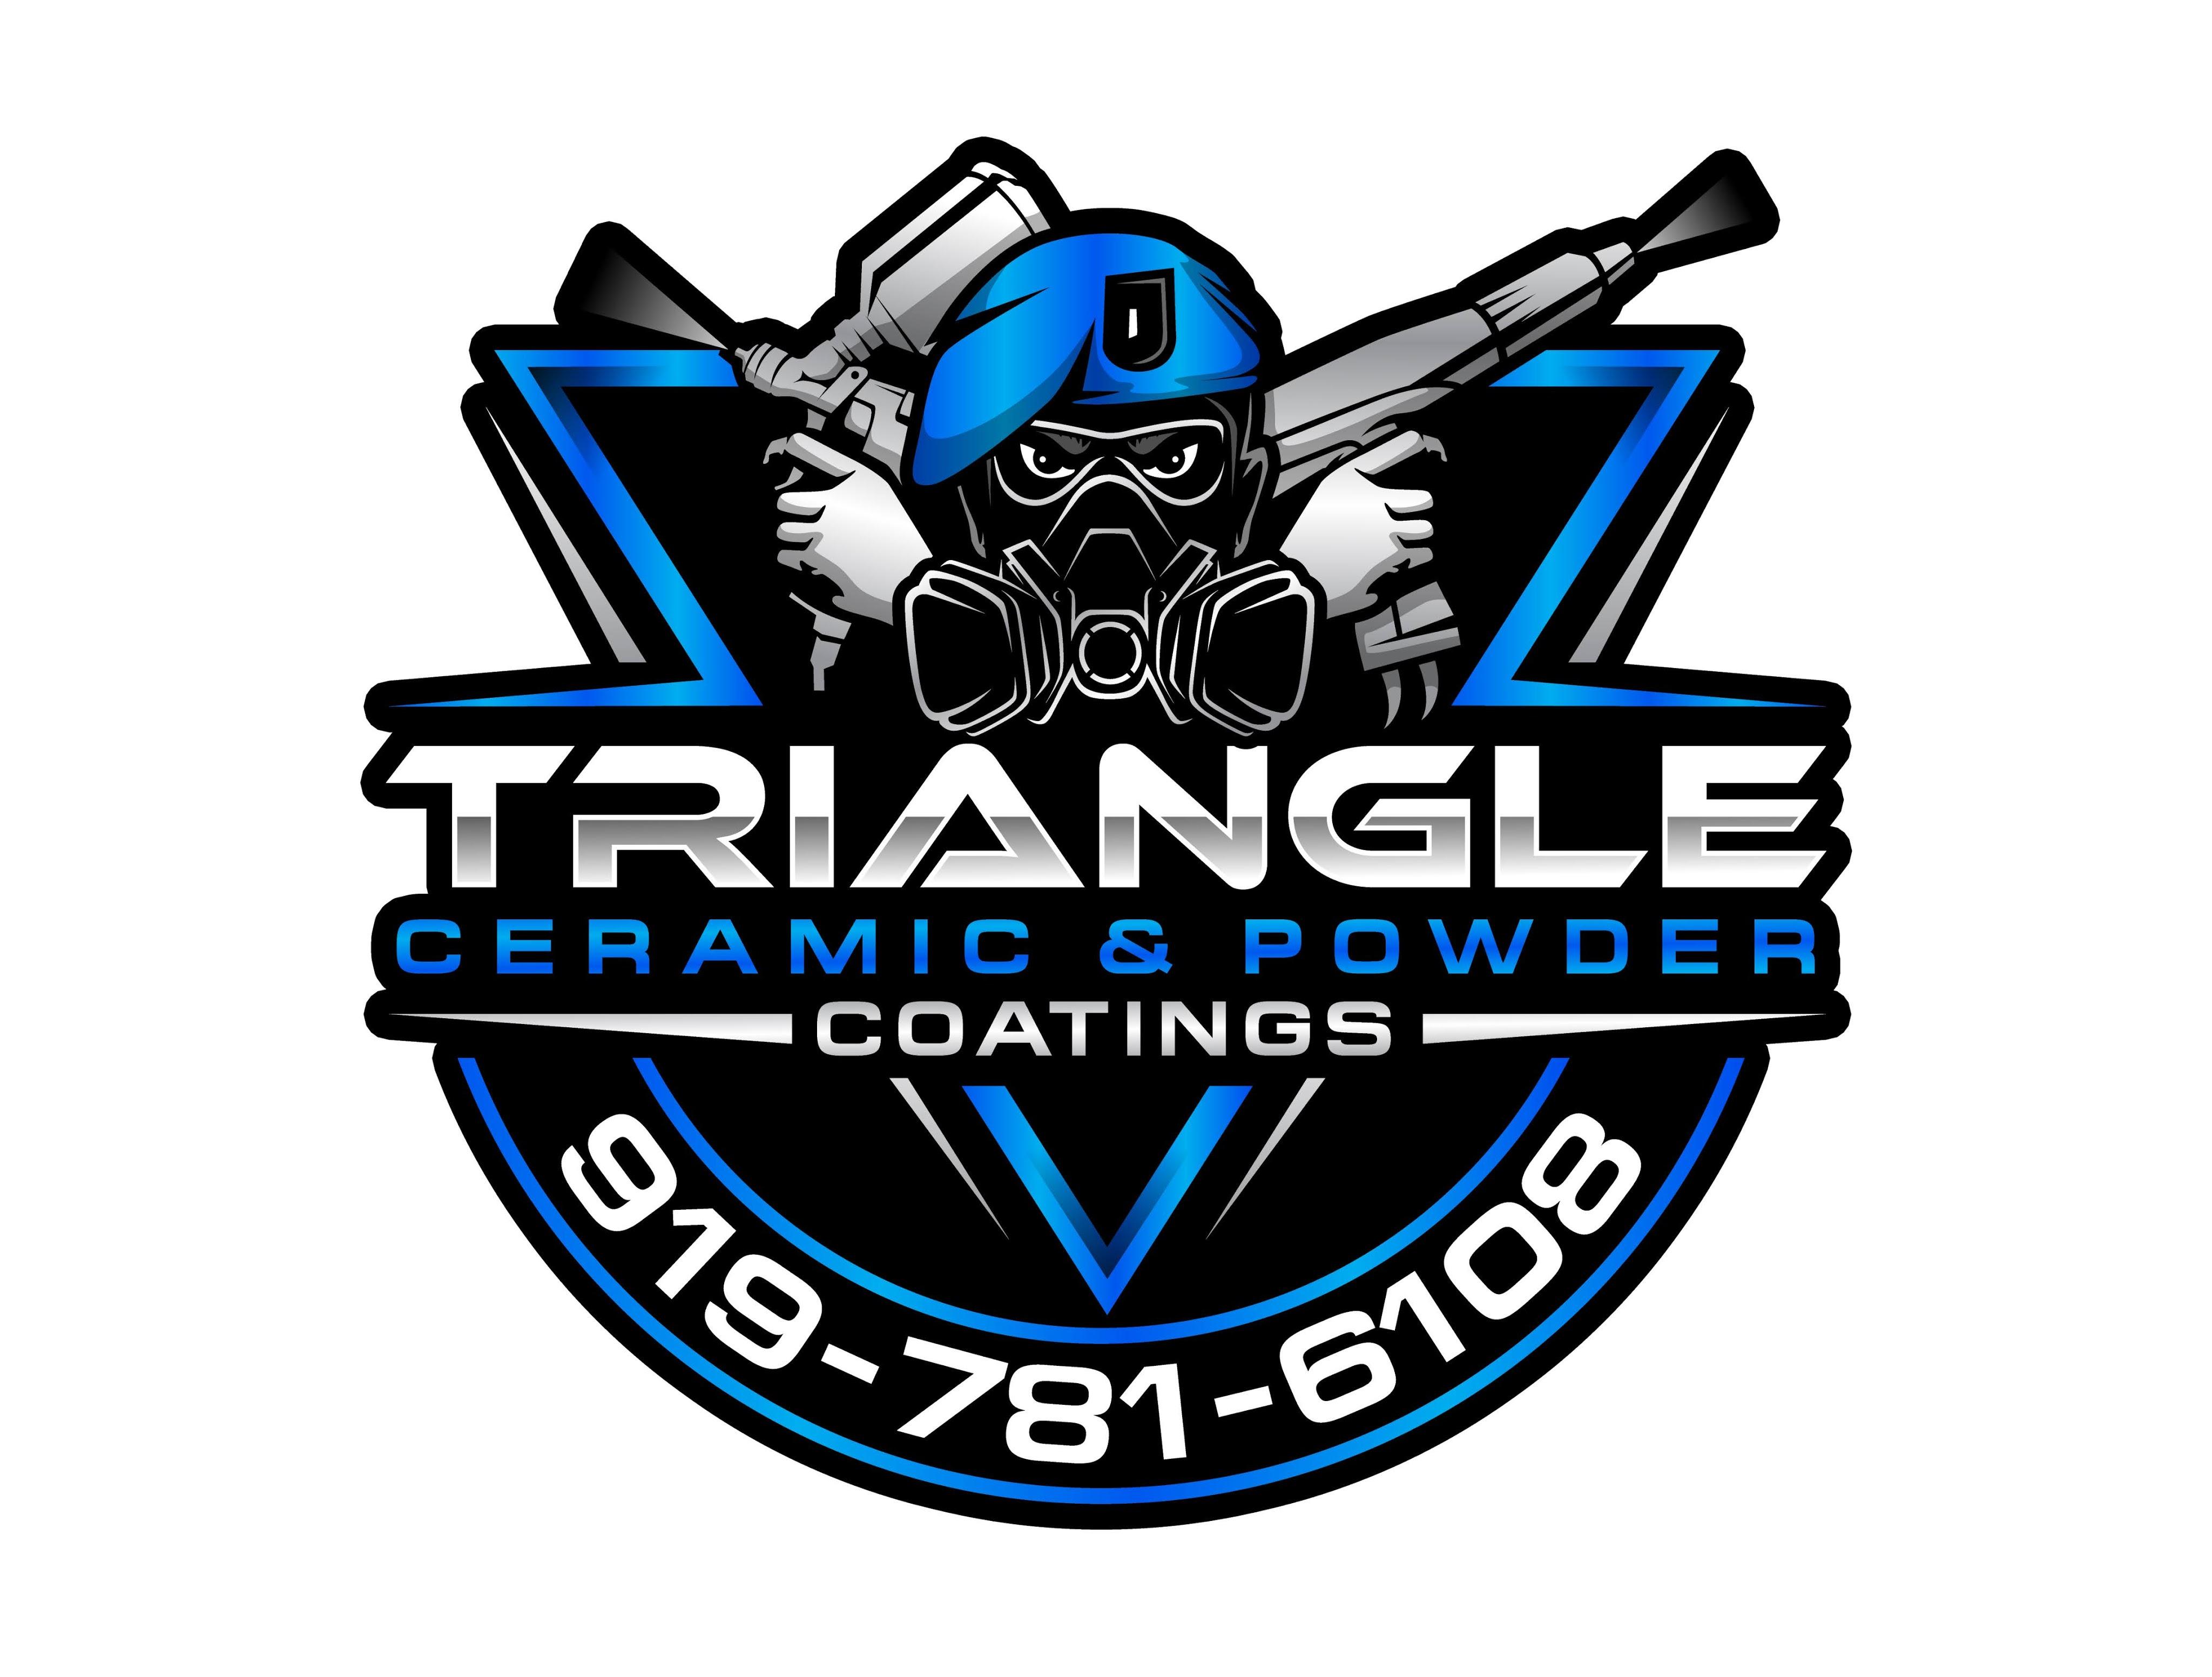 Triangle Coatings Inc Ceramic & Powder Coating Icon